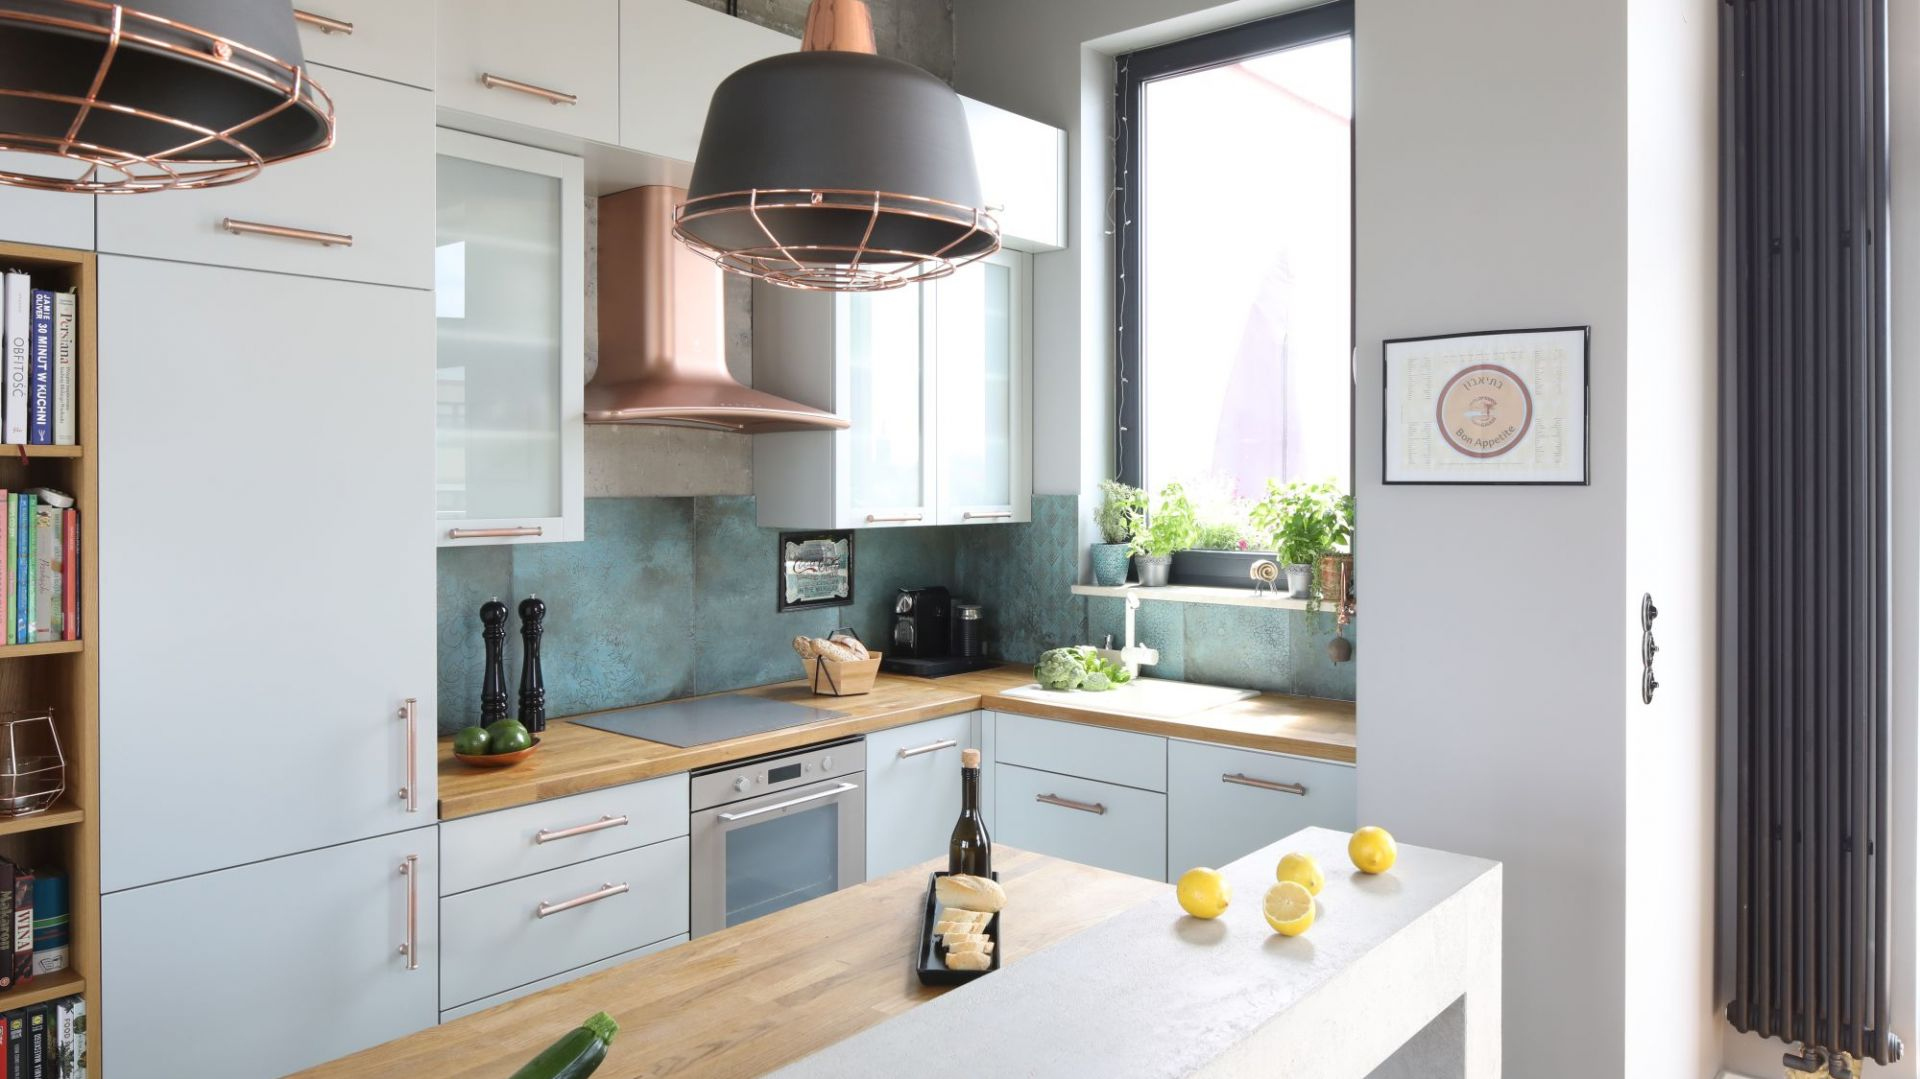 Ściana nad blatem w kuchni - piękne i praktyczne rozwiązania. Projekt: Maciejka Peszyńska-Drews. Fot. Bartosz Jarosz